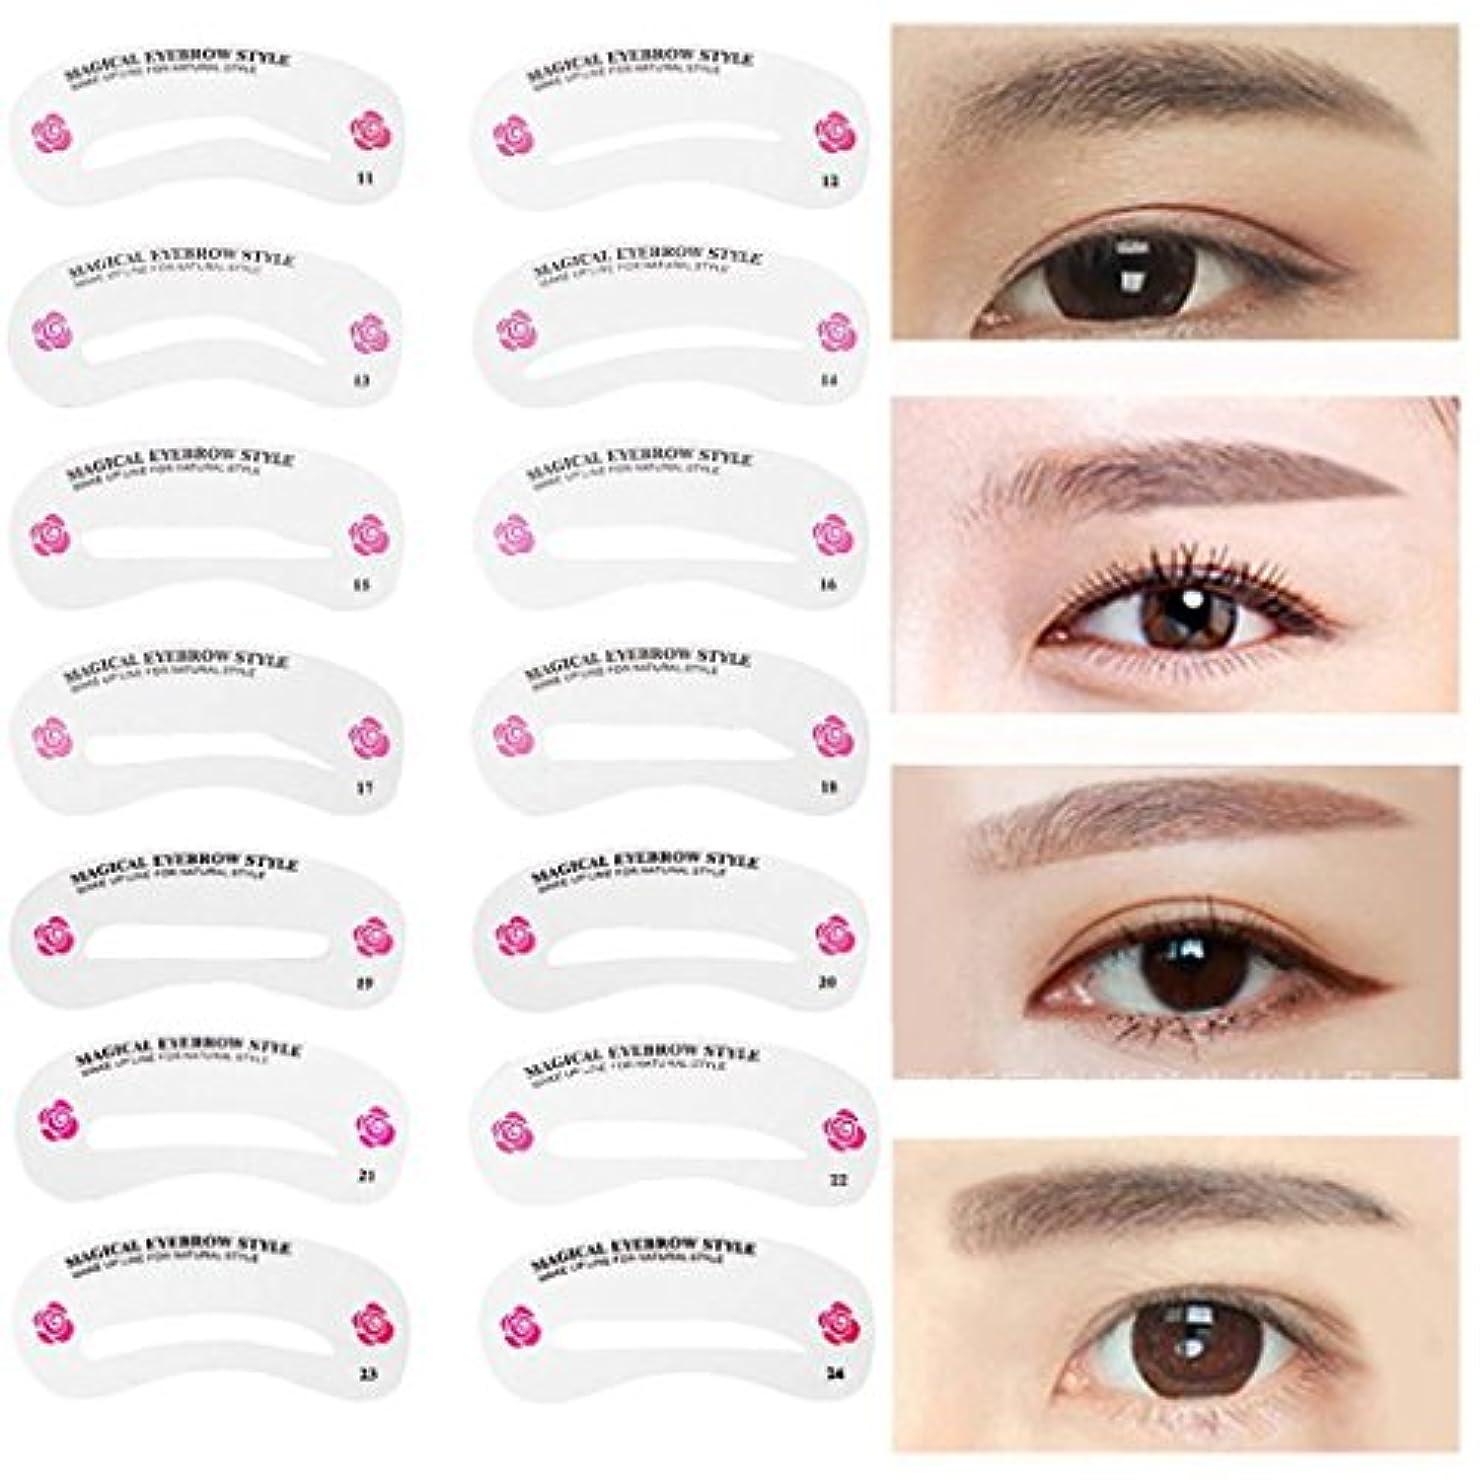 部分的にパンチ遊具MNoel 24種類 眉毛テンプレート24枚セット 太眉対応 24パターン 眉毛を気分で使い分け 眉用ステンシル